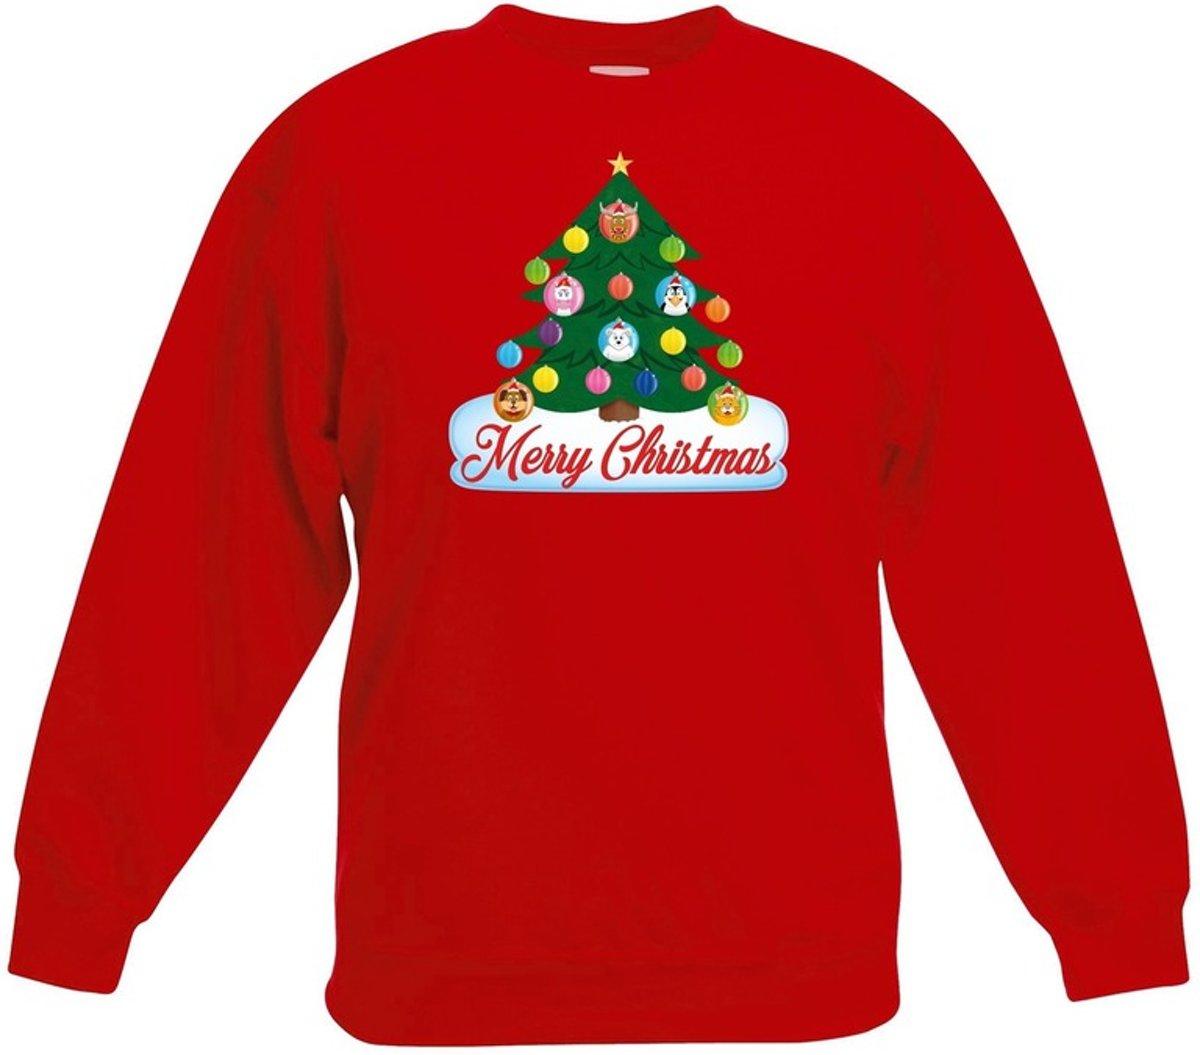 Rode kersttrui met dierenvriendjes kerstboom voor jongens en meisjes - Kersttruien kind 14-15 jaar (170/176) kopen